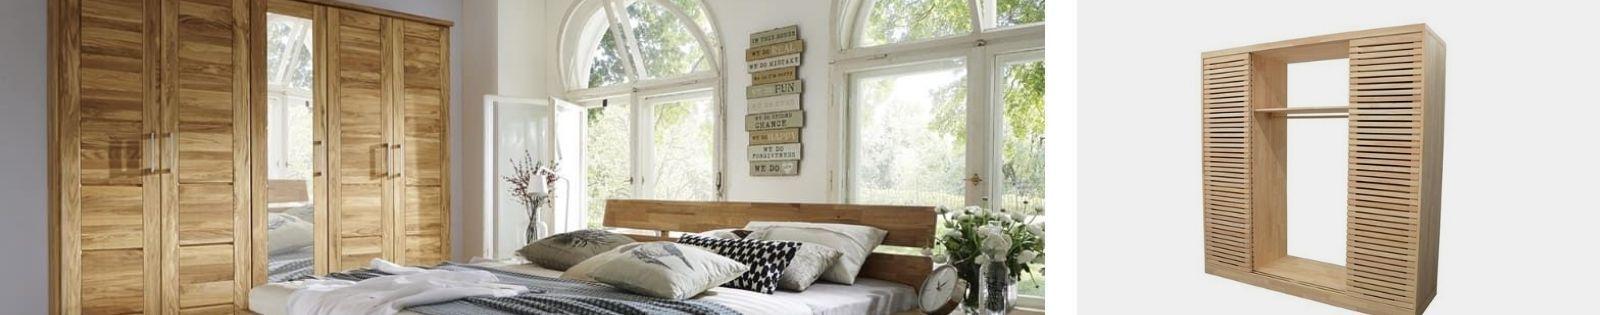 Armoire en bois massif : acacia, chêne, hévéa, teck... Lotuséa